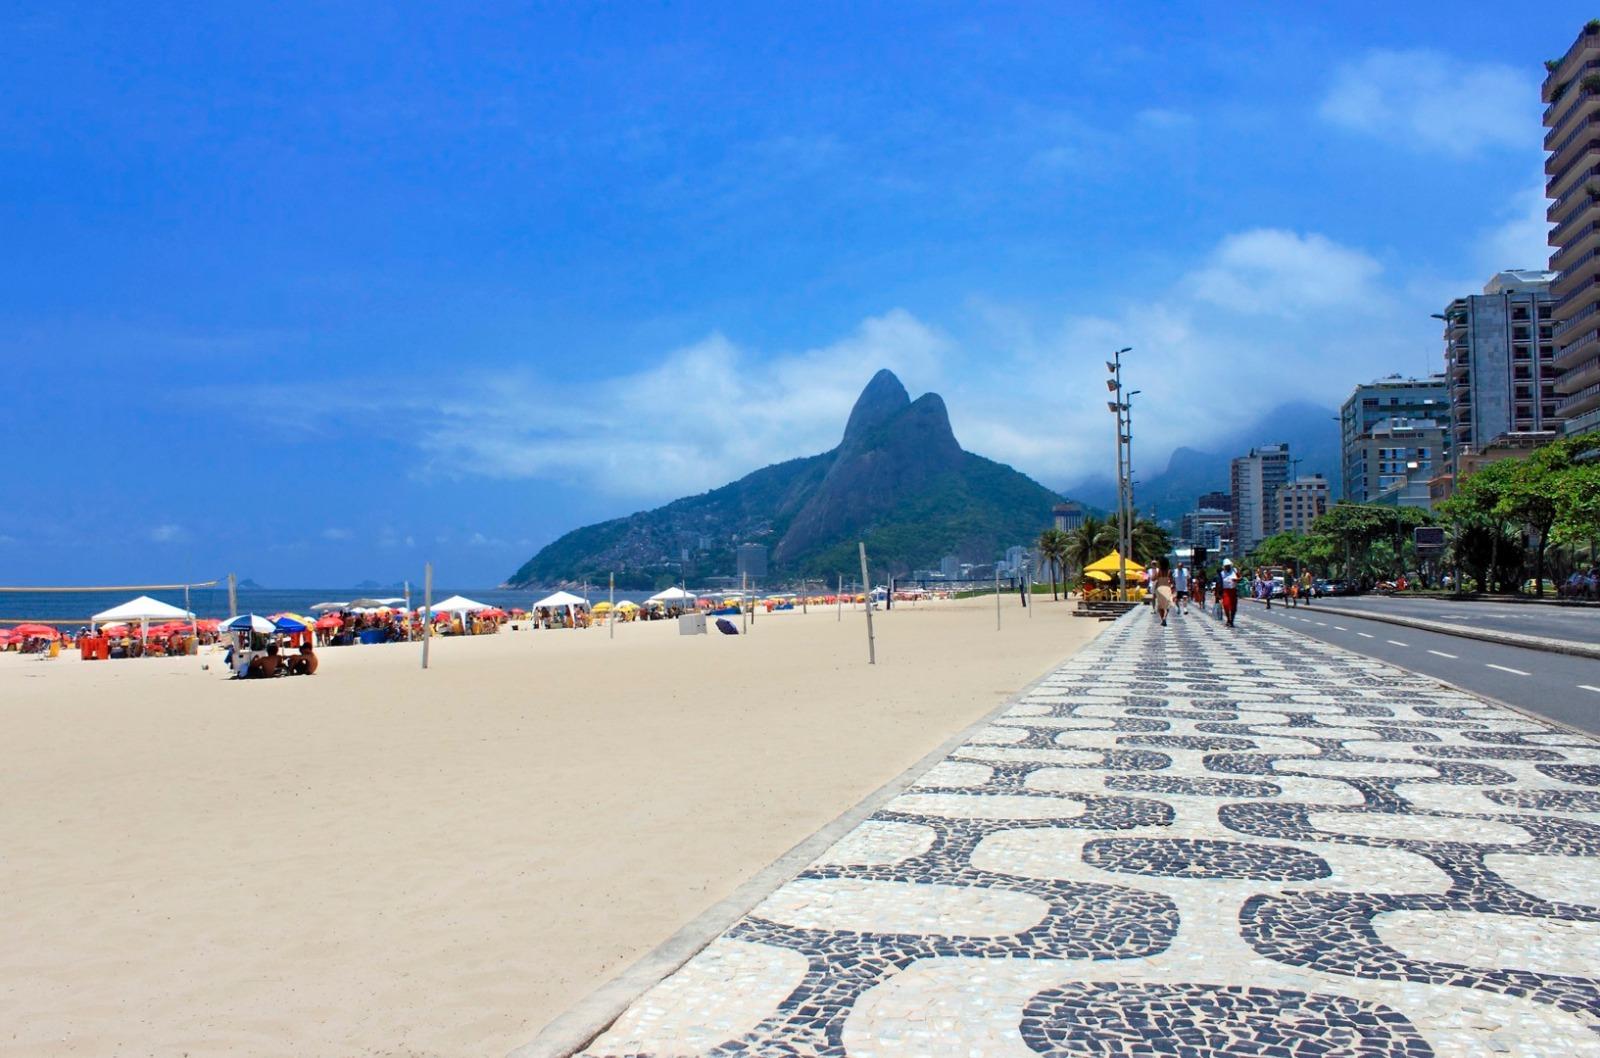 brasile06-1600415178.jpg